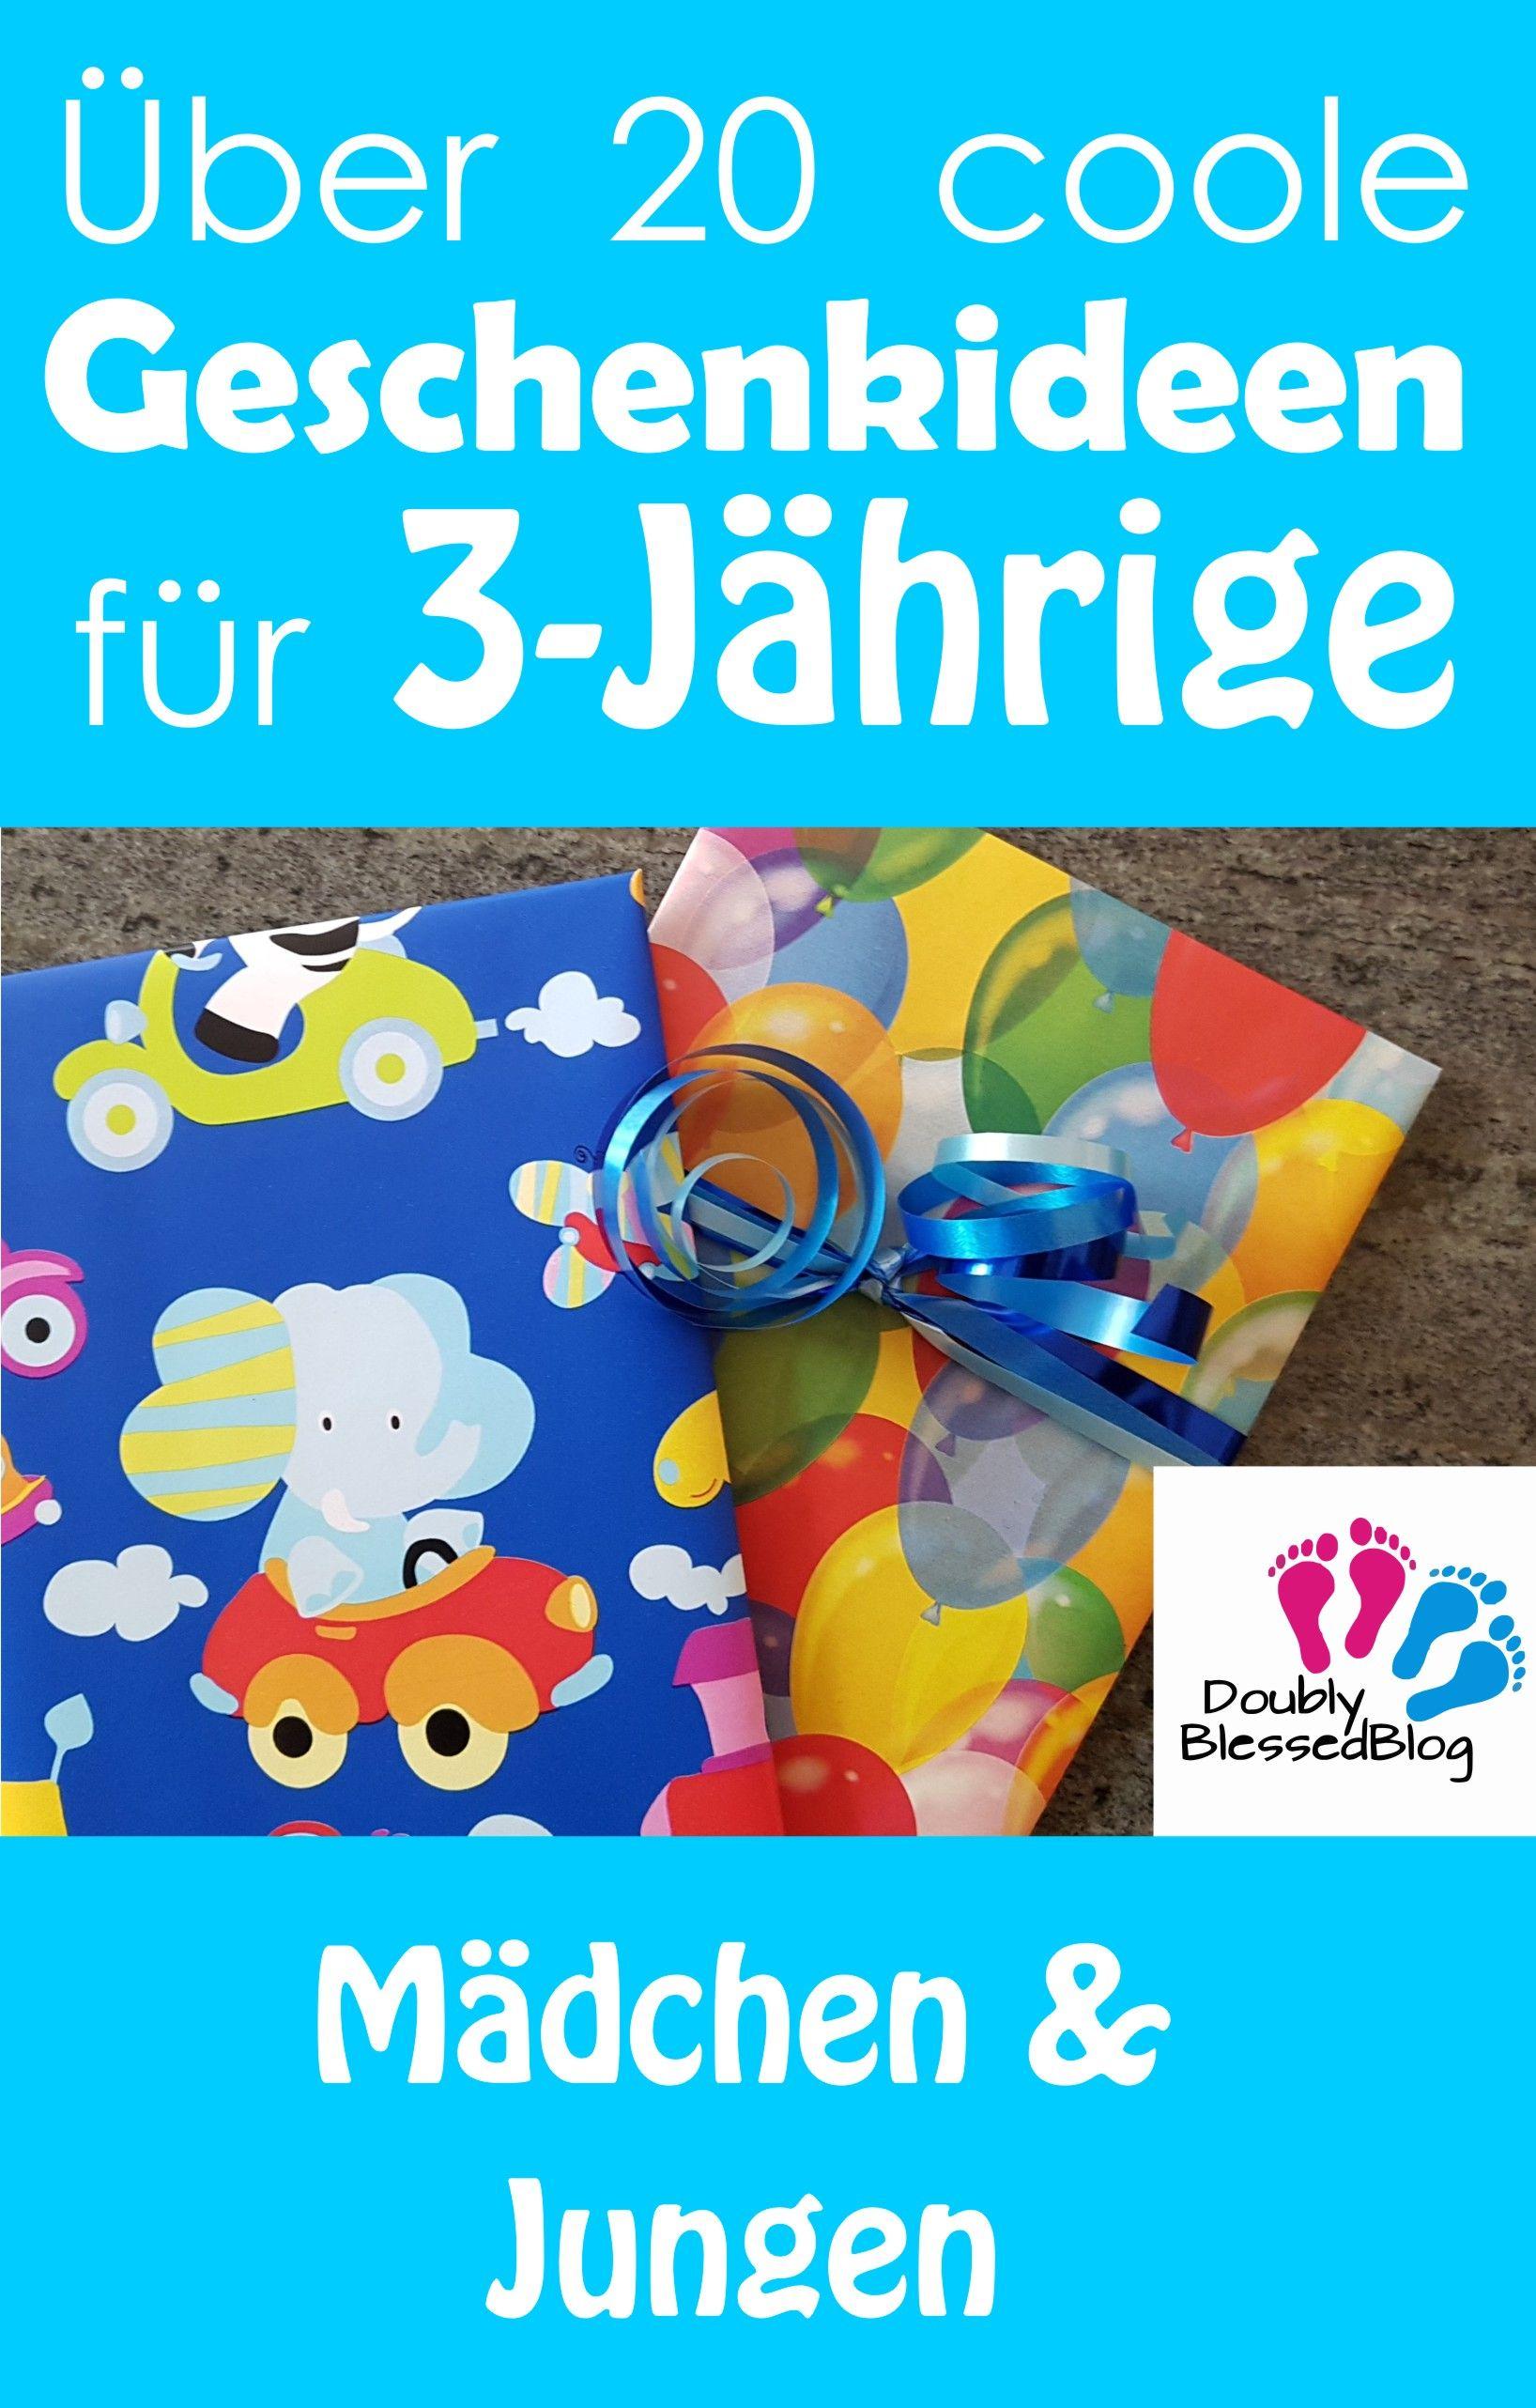 Geschenkideen für 3-jährige Mädchen und Jungen | Weihnachtsgeschenke ...